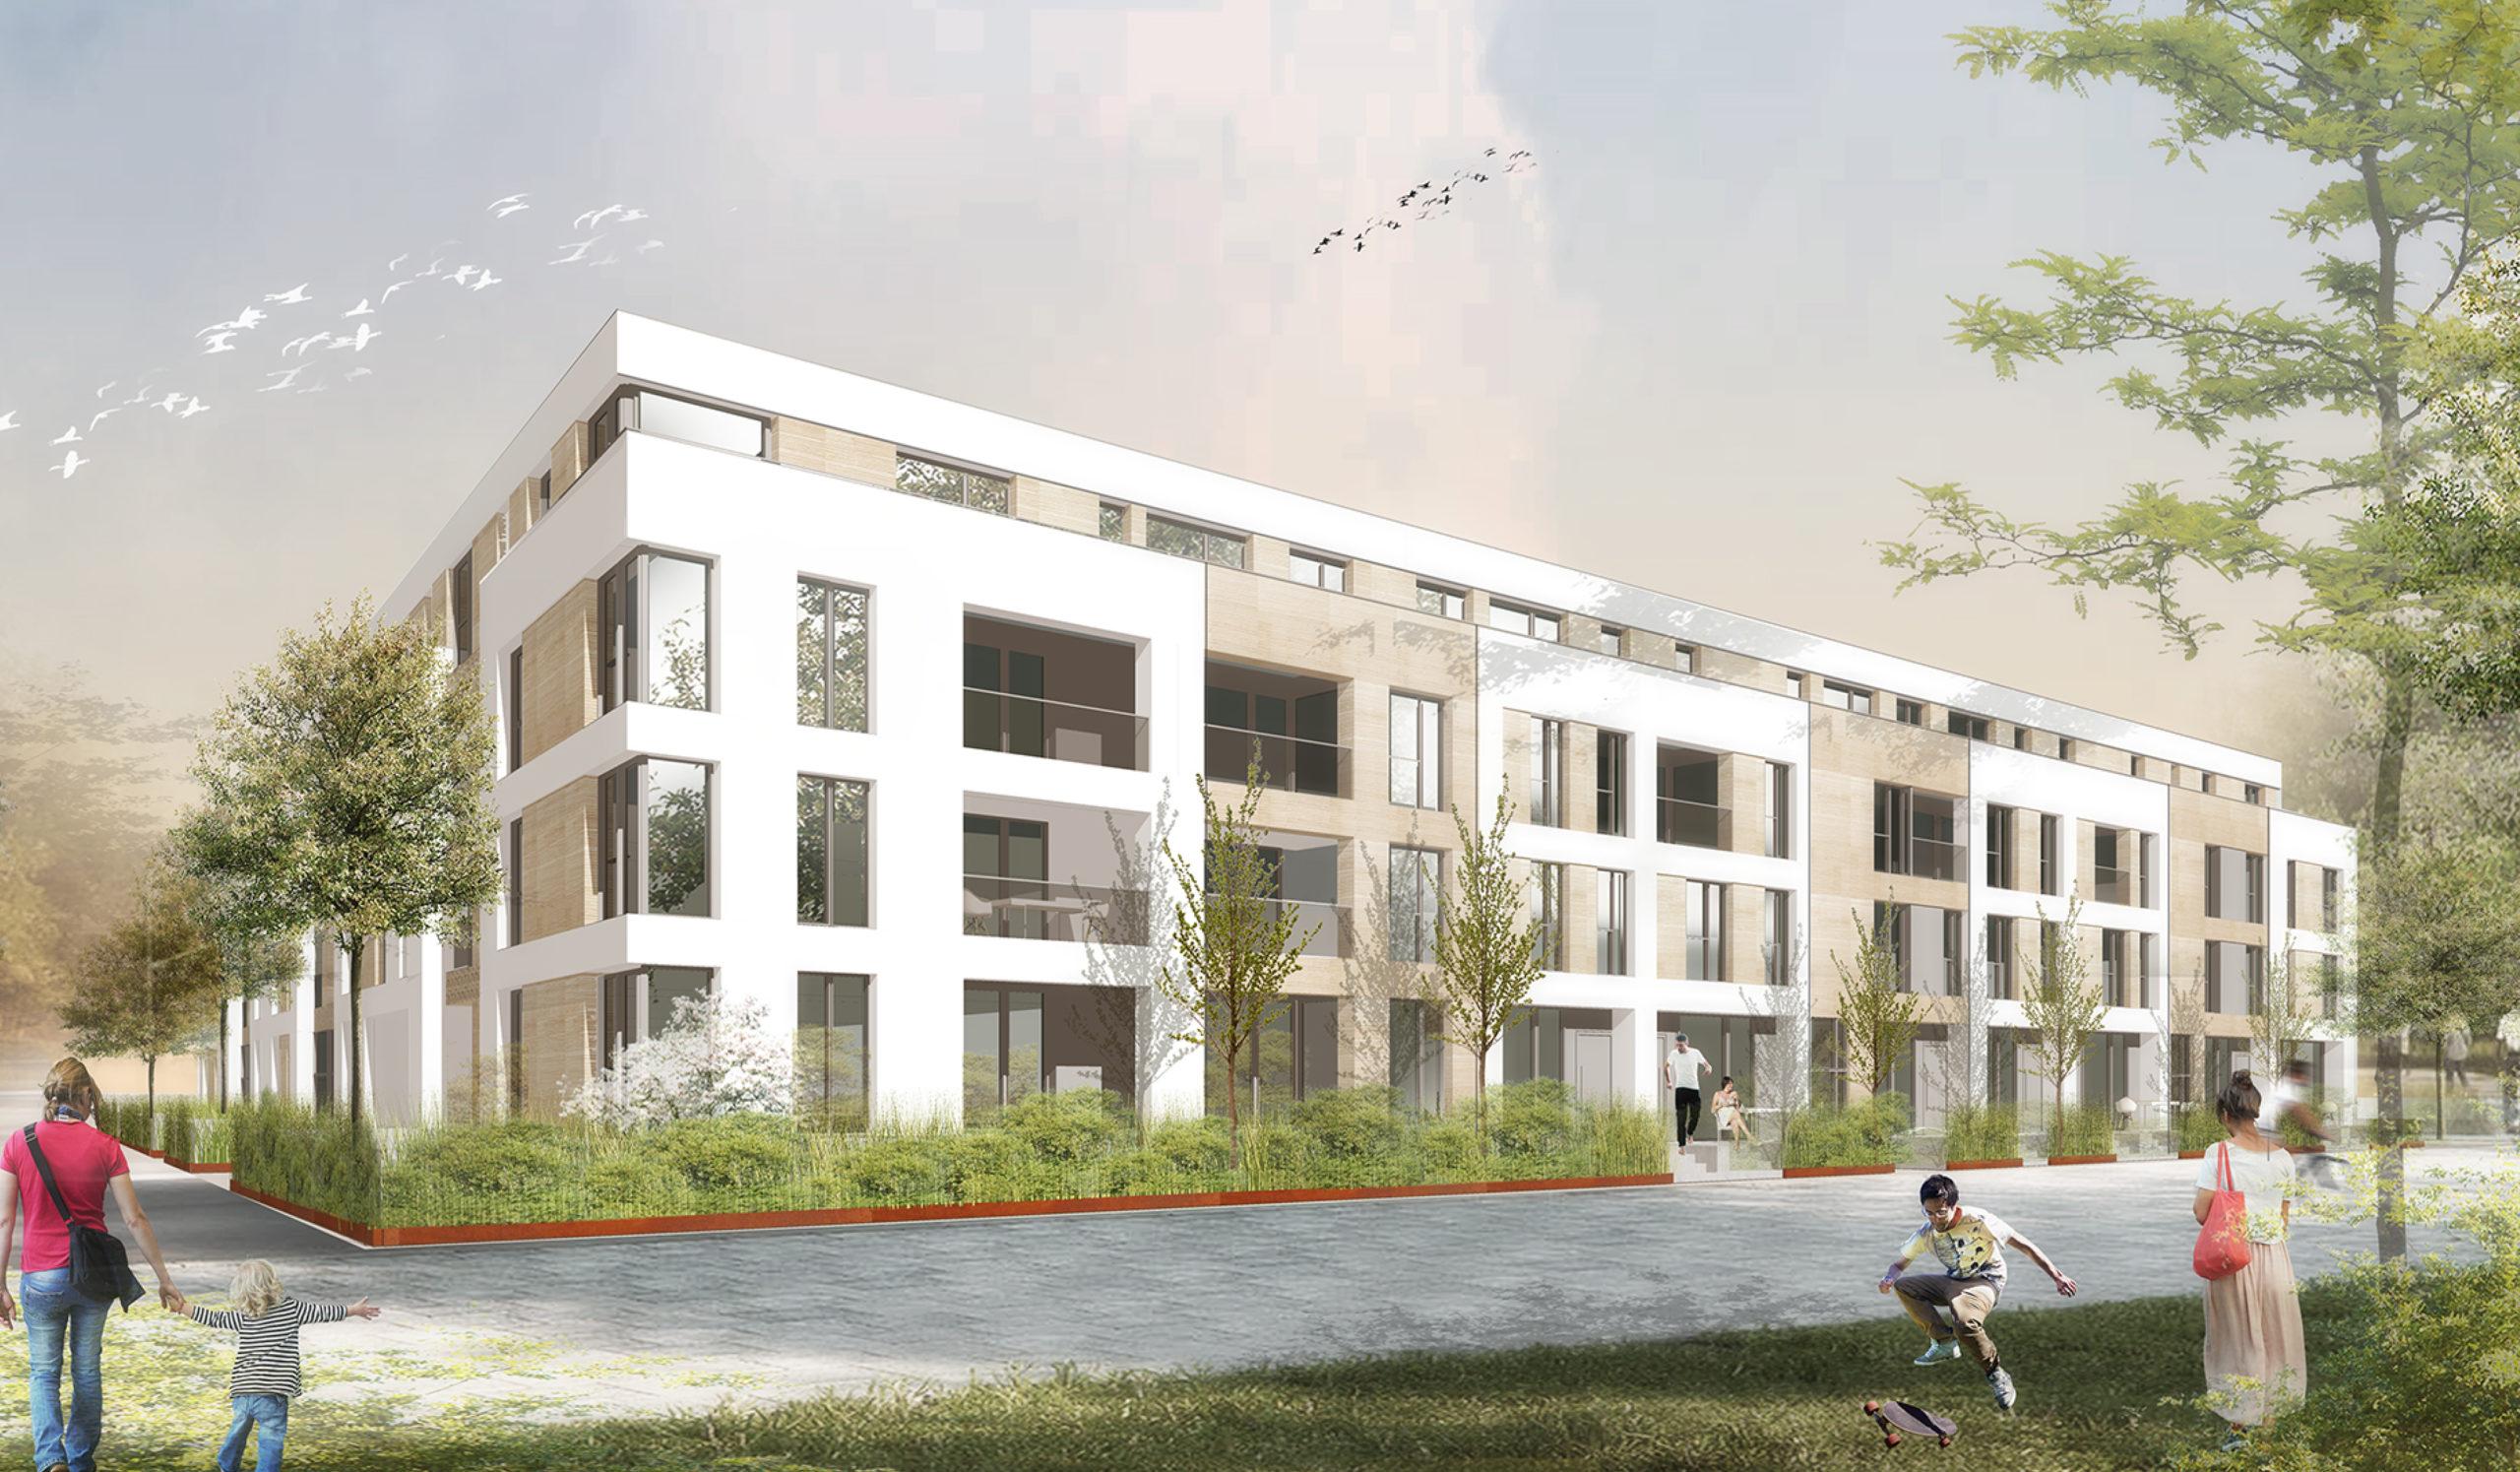 Perspektive Wettbewerb Wohnungsbau Kronenquartier in Offenburg von Bitsch+Bienstein Architekten